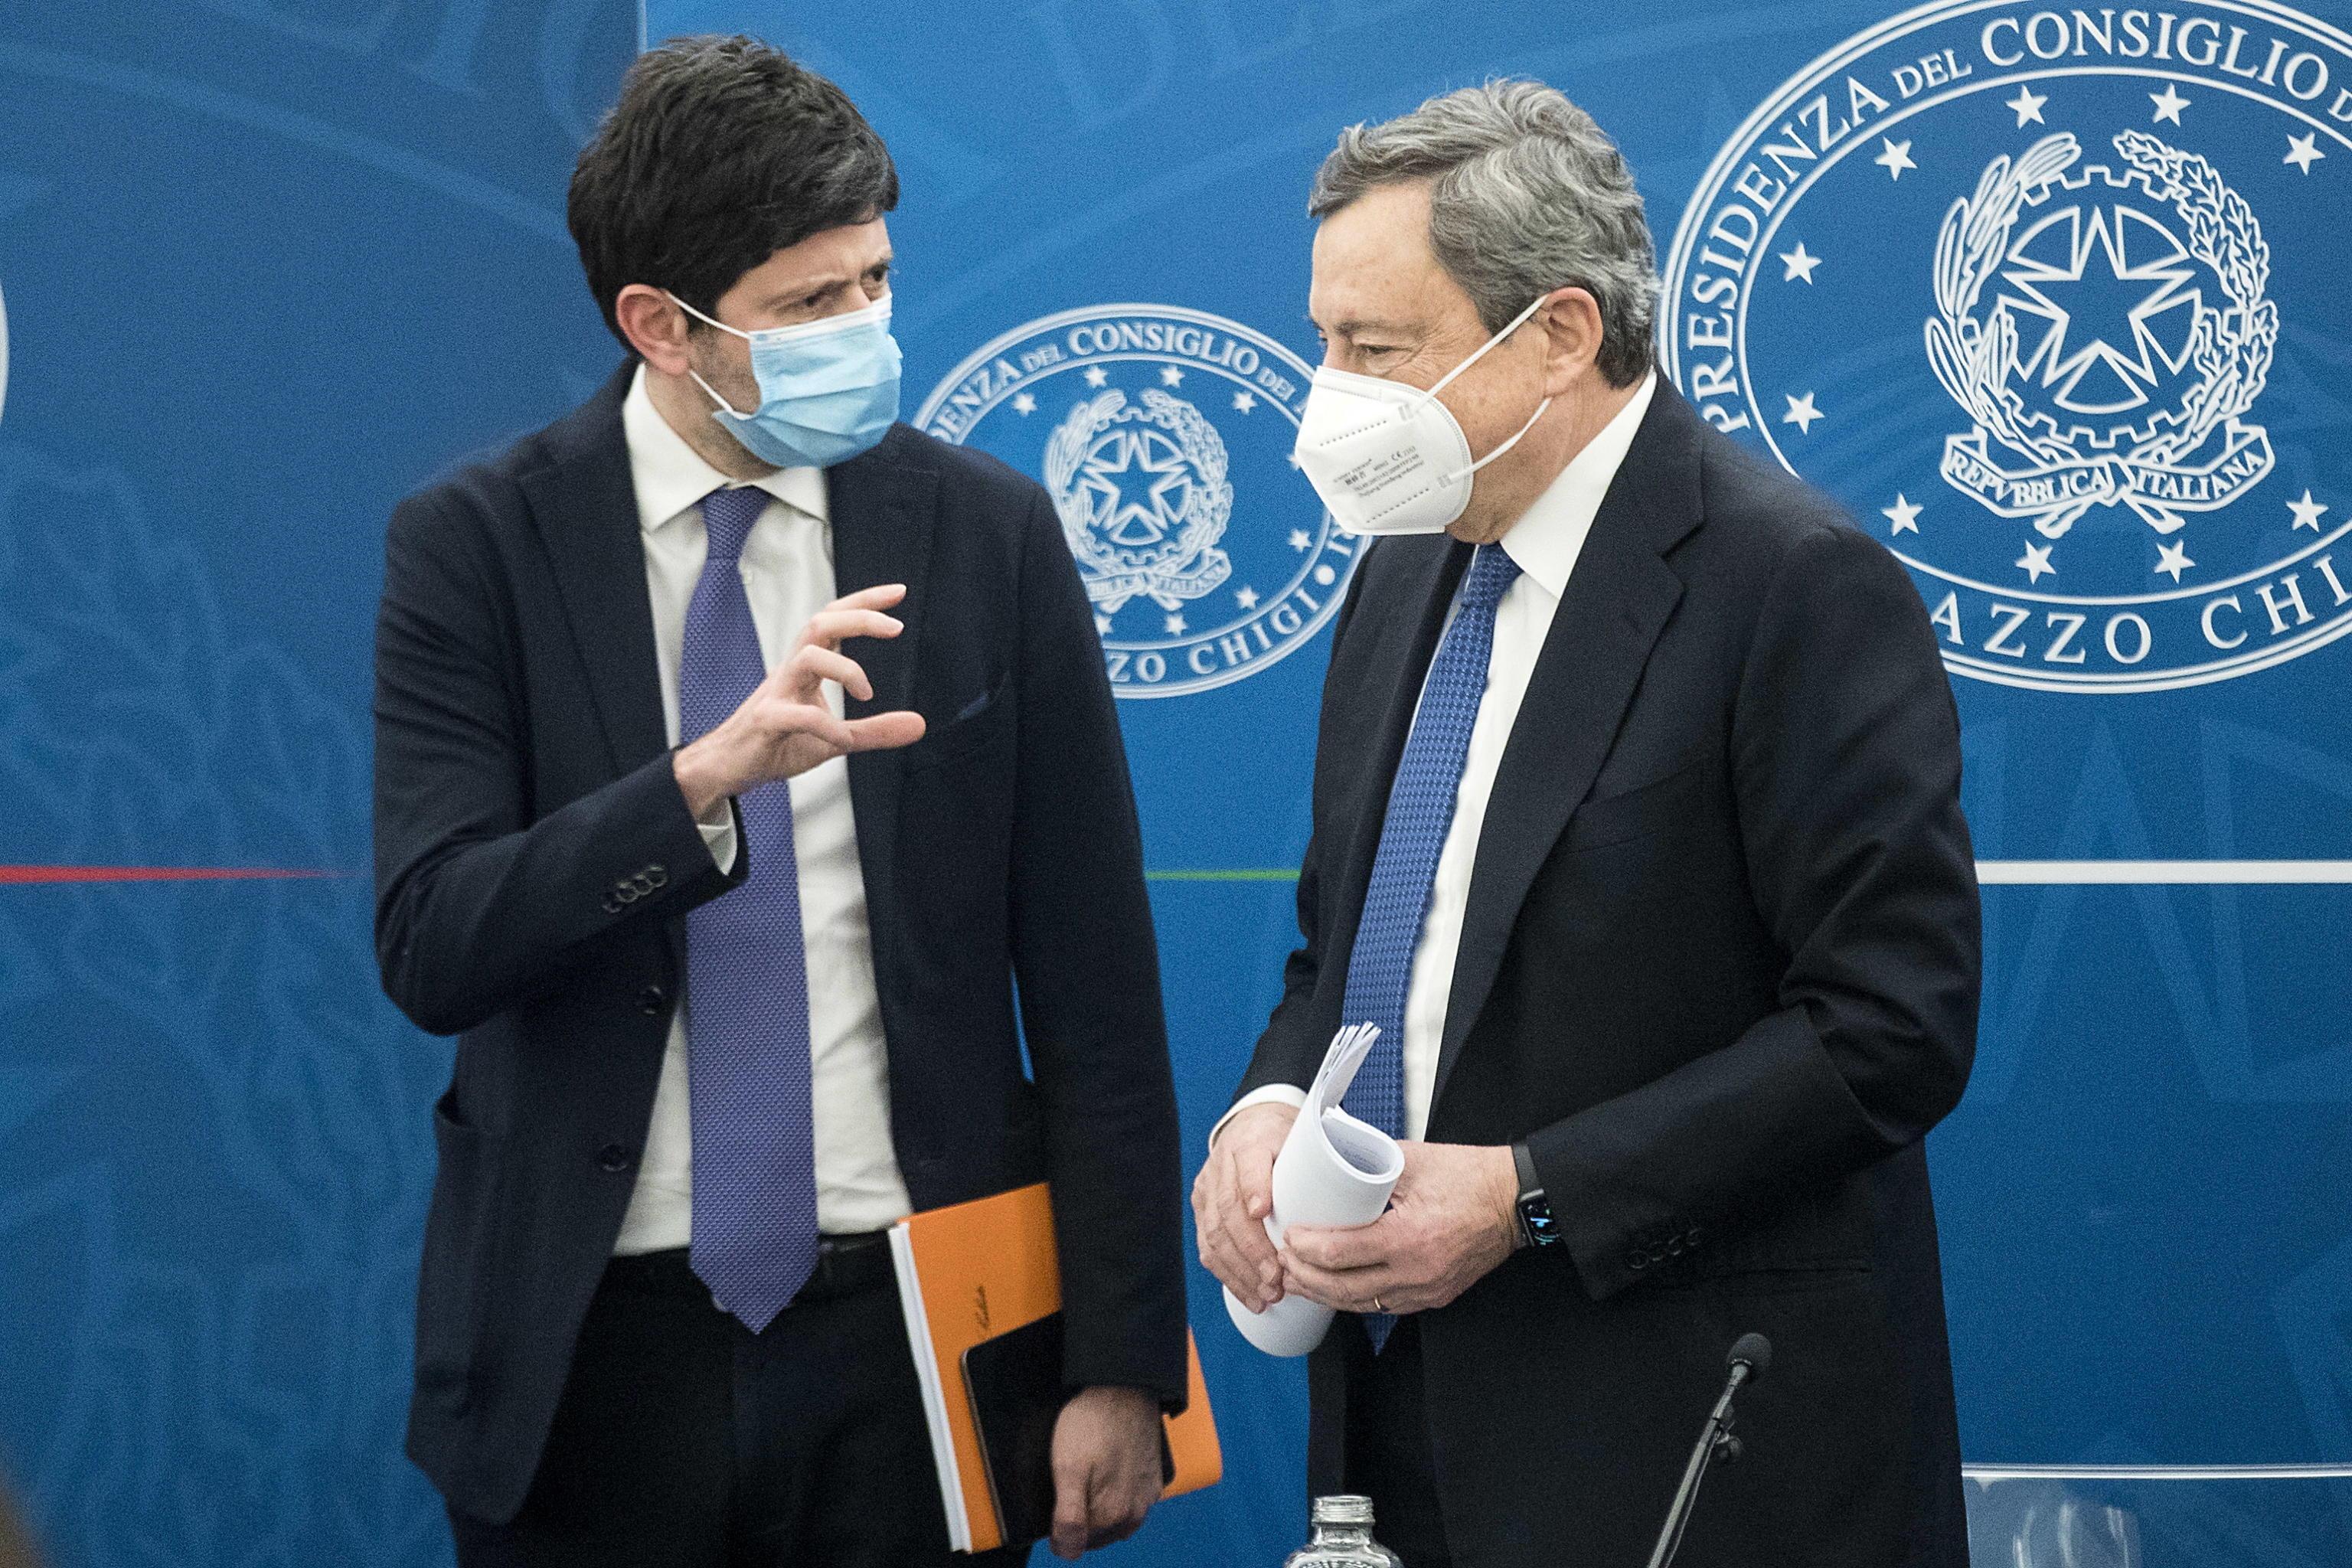 La stretta di Draghi e Speranza sui viaggi all'estero a Pasqua. Può durare  fino a maggio | L'HuffPost